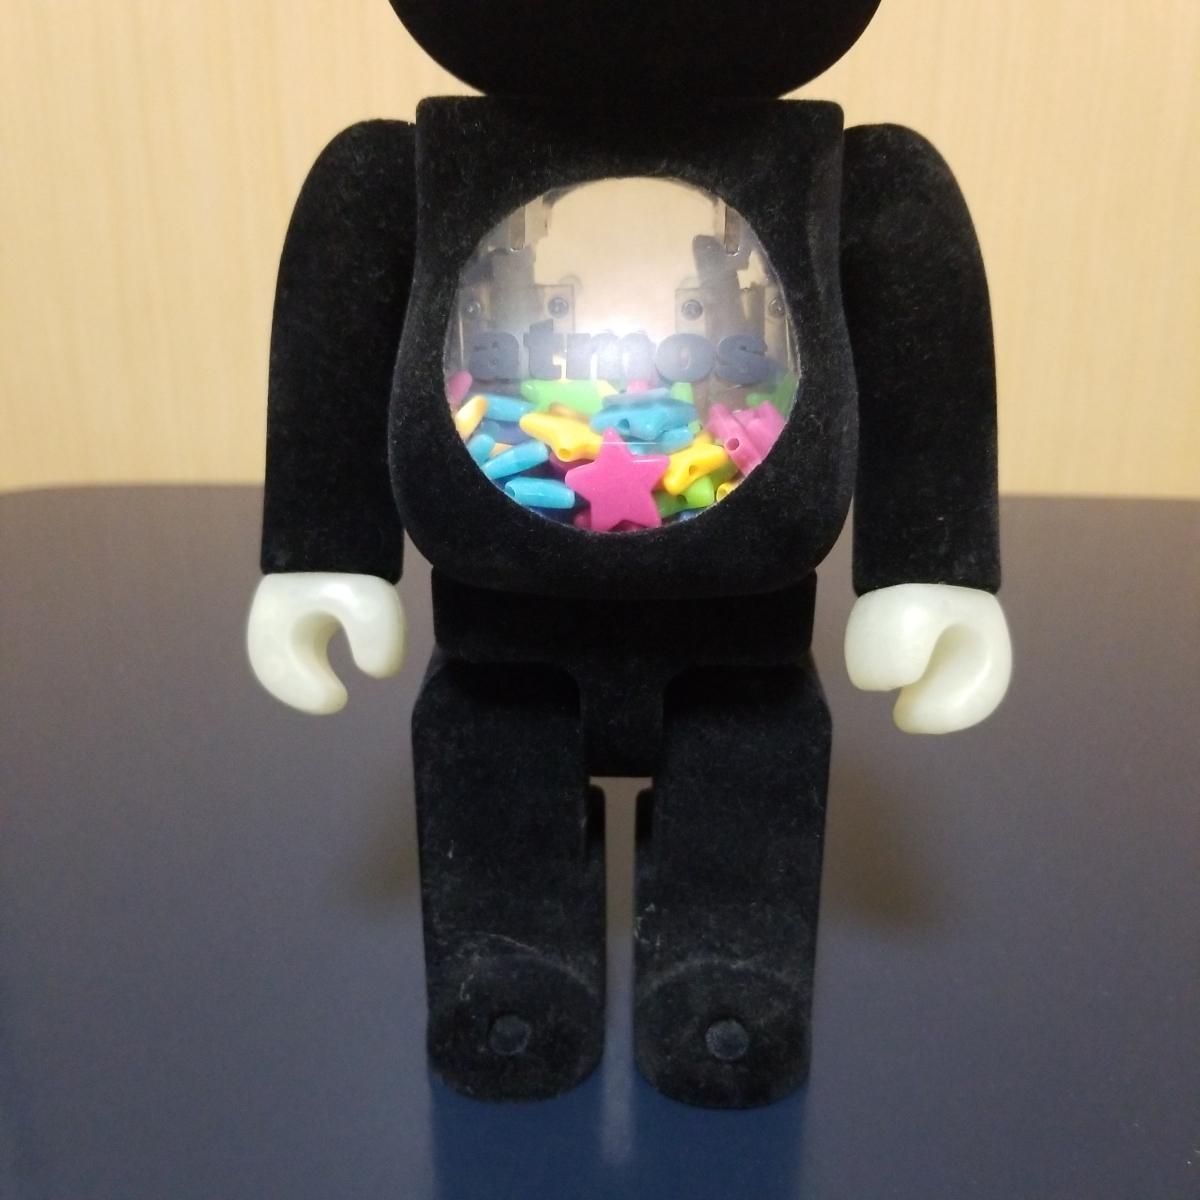 メディコムトイ BE@RBRICK ベアブリック アトモス atmos 10周年記念モデル 400% フロッキー 蓄光_画像3